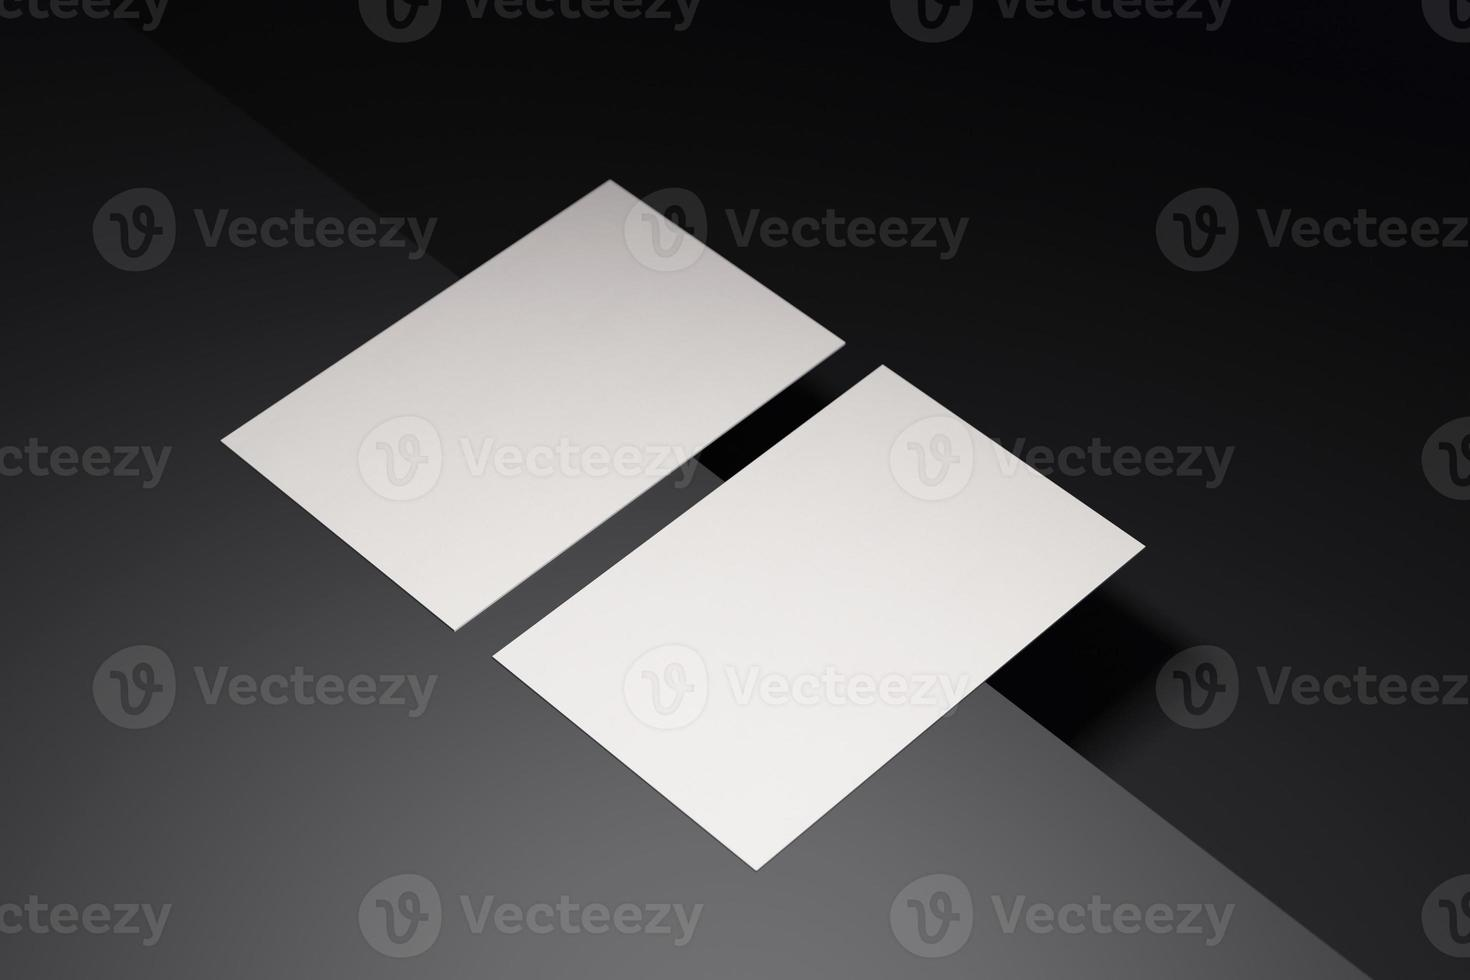 zwart-wit sjabloon voor visitekaartjespapier met lege ruimtedekking voor het invoegen van bedrijfslogo of persoonlijke identiteit op zwarte chroomvloerachtergrond. modern begrip. 3d illustratie render foto